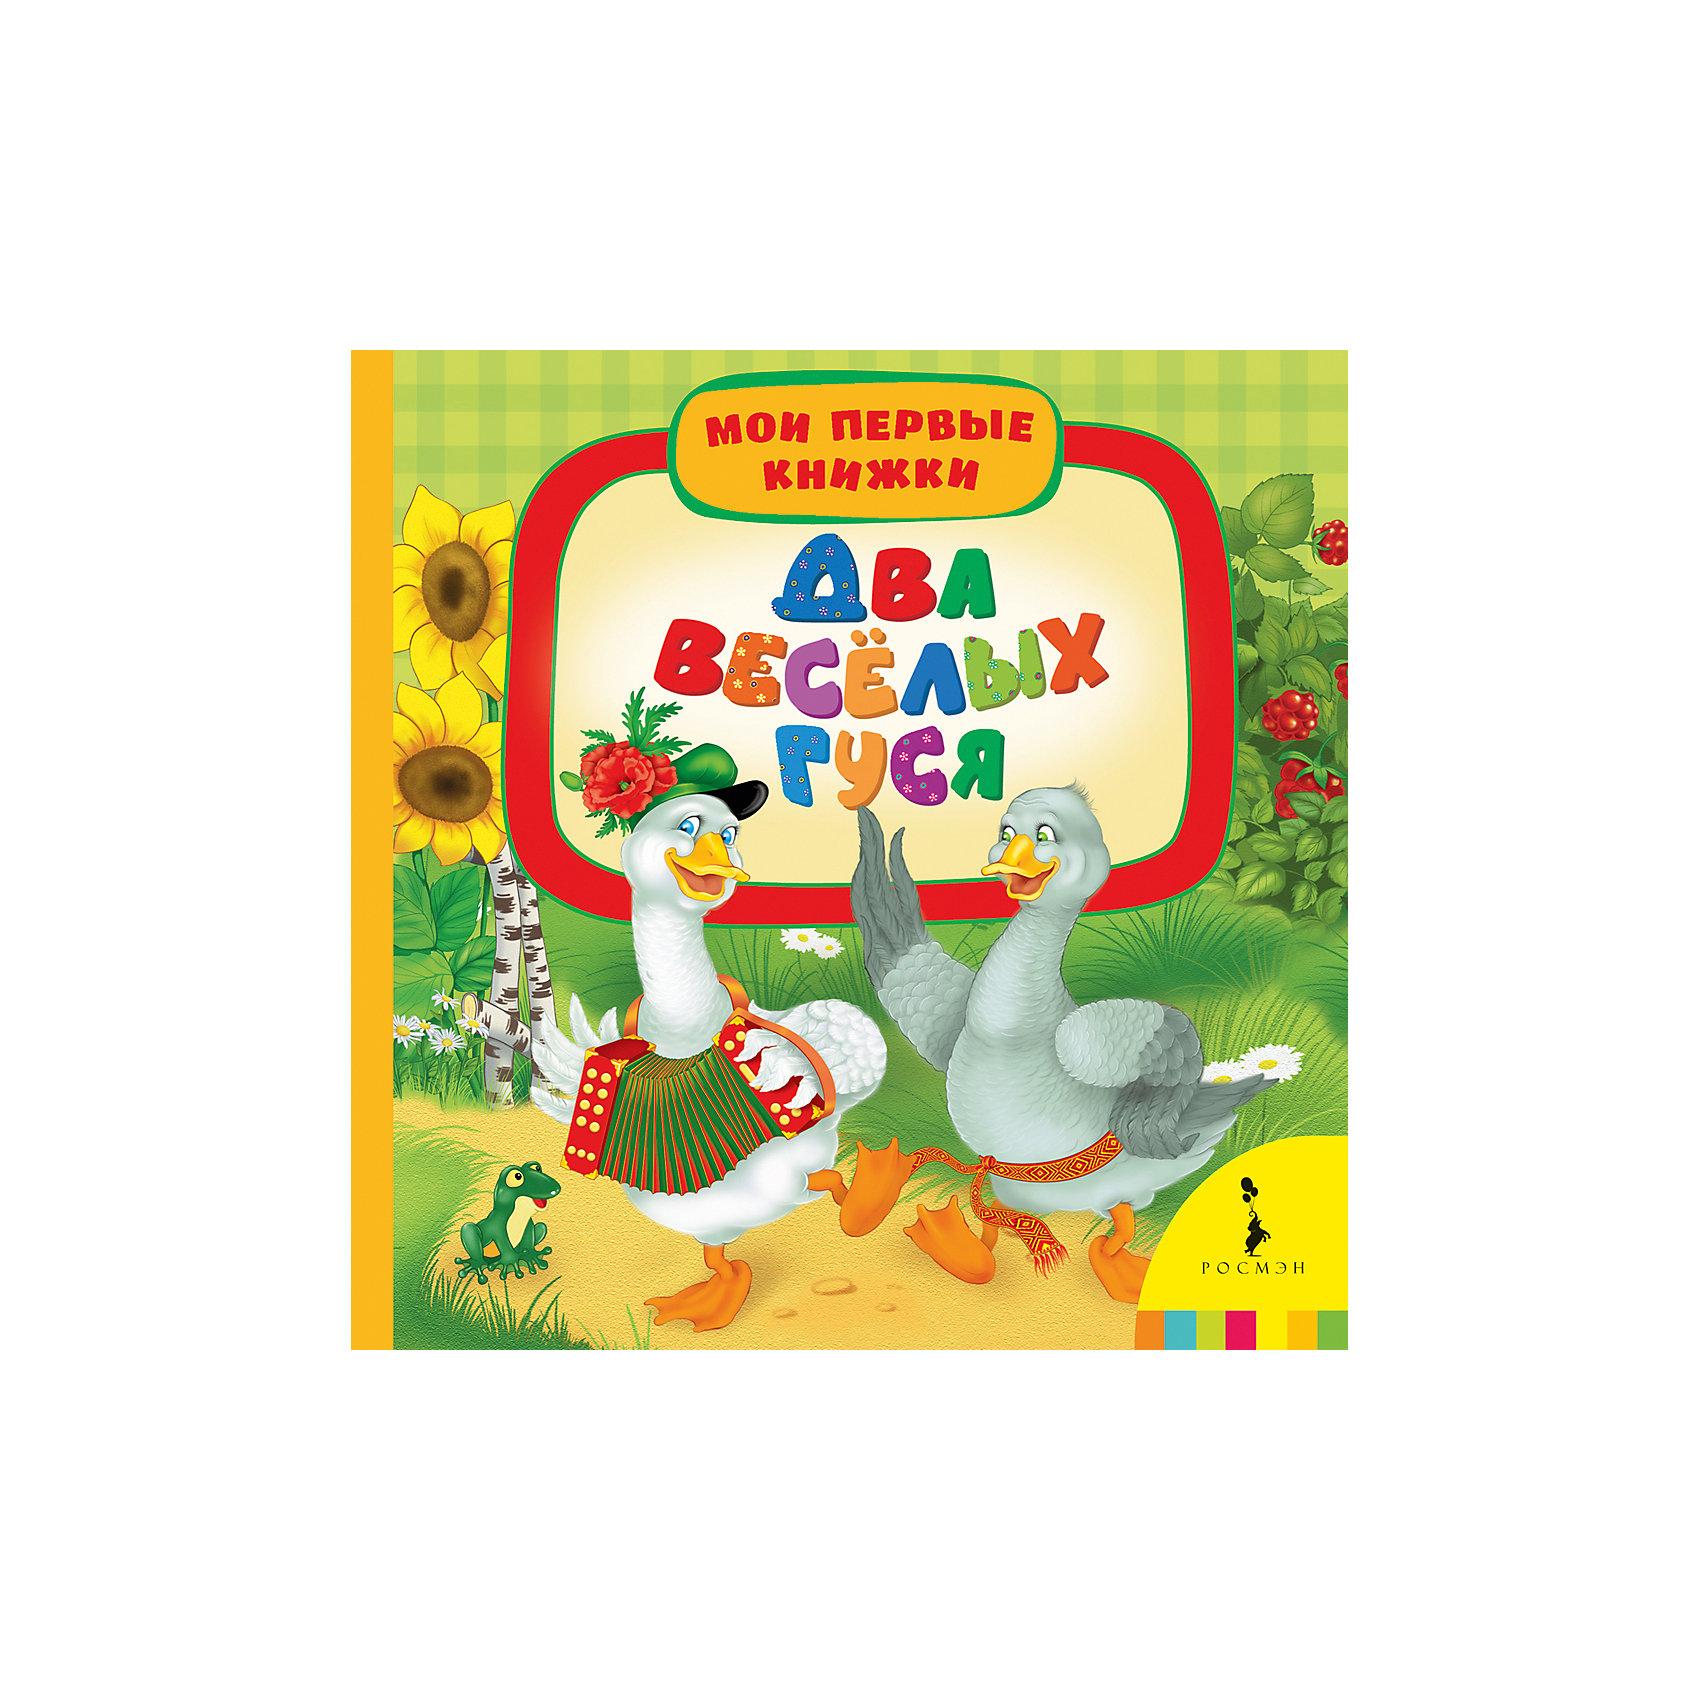 Два весёлых гуся, Мои первые книжкиПервые книги малыша<br>Характеристики товара:<br><br>- цвет: разноцветный;<br>- материал: бумага;<br>- страниц: 14;<br>- формат: 17 х 17 см;<br>- обложка: картон;<br>- возраст: от 1 года. <br><br>Издания серии Мои первые книжки - отличный способ занять ребенка! Эта красочная книга станет отличным подарком для родителей и малыша. Она содержит в себе известные сказки, стихи, загадки, песенки и потешки, которые так любят дети. Отличный способ привить малышу любовь к чтению! Удобный формат и плотные странички позволят брать книгу с собой в поездки.<br>Чтение и рассматривание картинок даже в юном возрасте помогает ребенку развивать память, концентрацию внимания и воображение. Издание произведено из качественных материалов, которые безопасны даже для самых маленьких.<br><br>Издание Два весёлых гуся, Мои первые книжки от компании Росмэн можно купить в нашем интернет-магазине.<br><br>Ширина мм: 165<br>Глубина мм: 165<br>Высота мм: 18<br>Вес г: 305<br>Возраст от месяцев: 0<br>Возраст до месяцев: 36<br>Пол: Унисекс<br>Возраст: Детский<br>SKU: 5110289